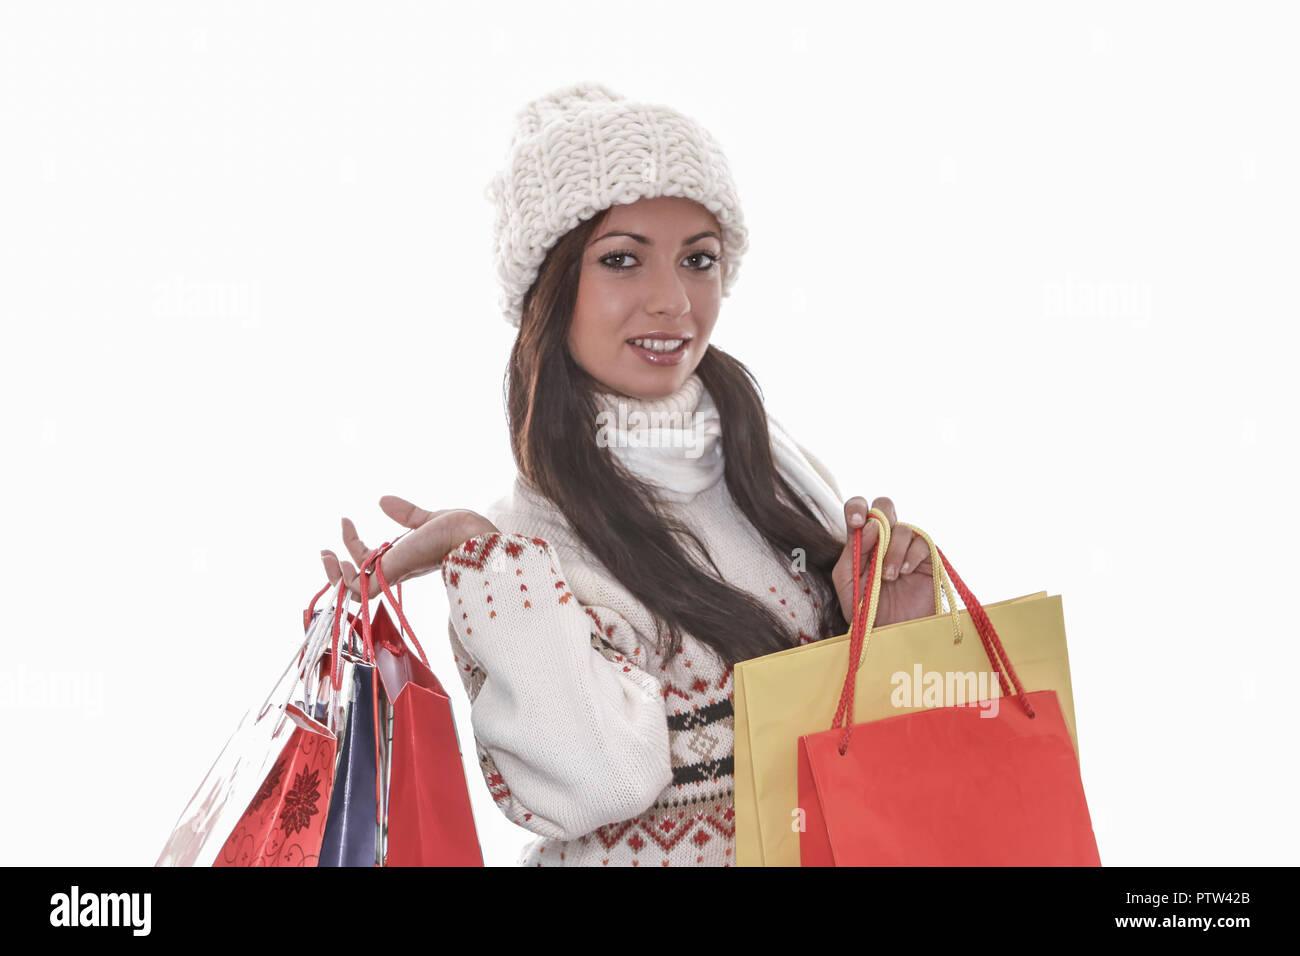 frau, jung, junge, weiblich, schoen, menschen, froehlich, einkaufen, kaufen, laecheln, geschenk, konsum, freude, vergnuegen, sinnlichkeit, eine person - Stock Image